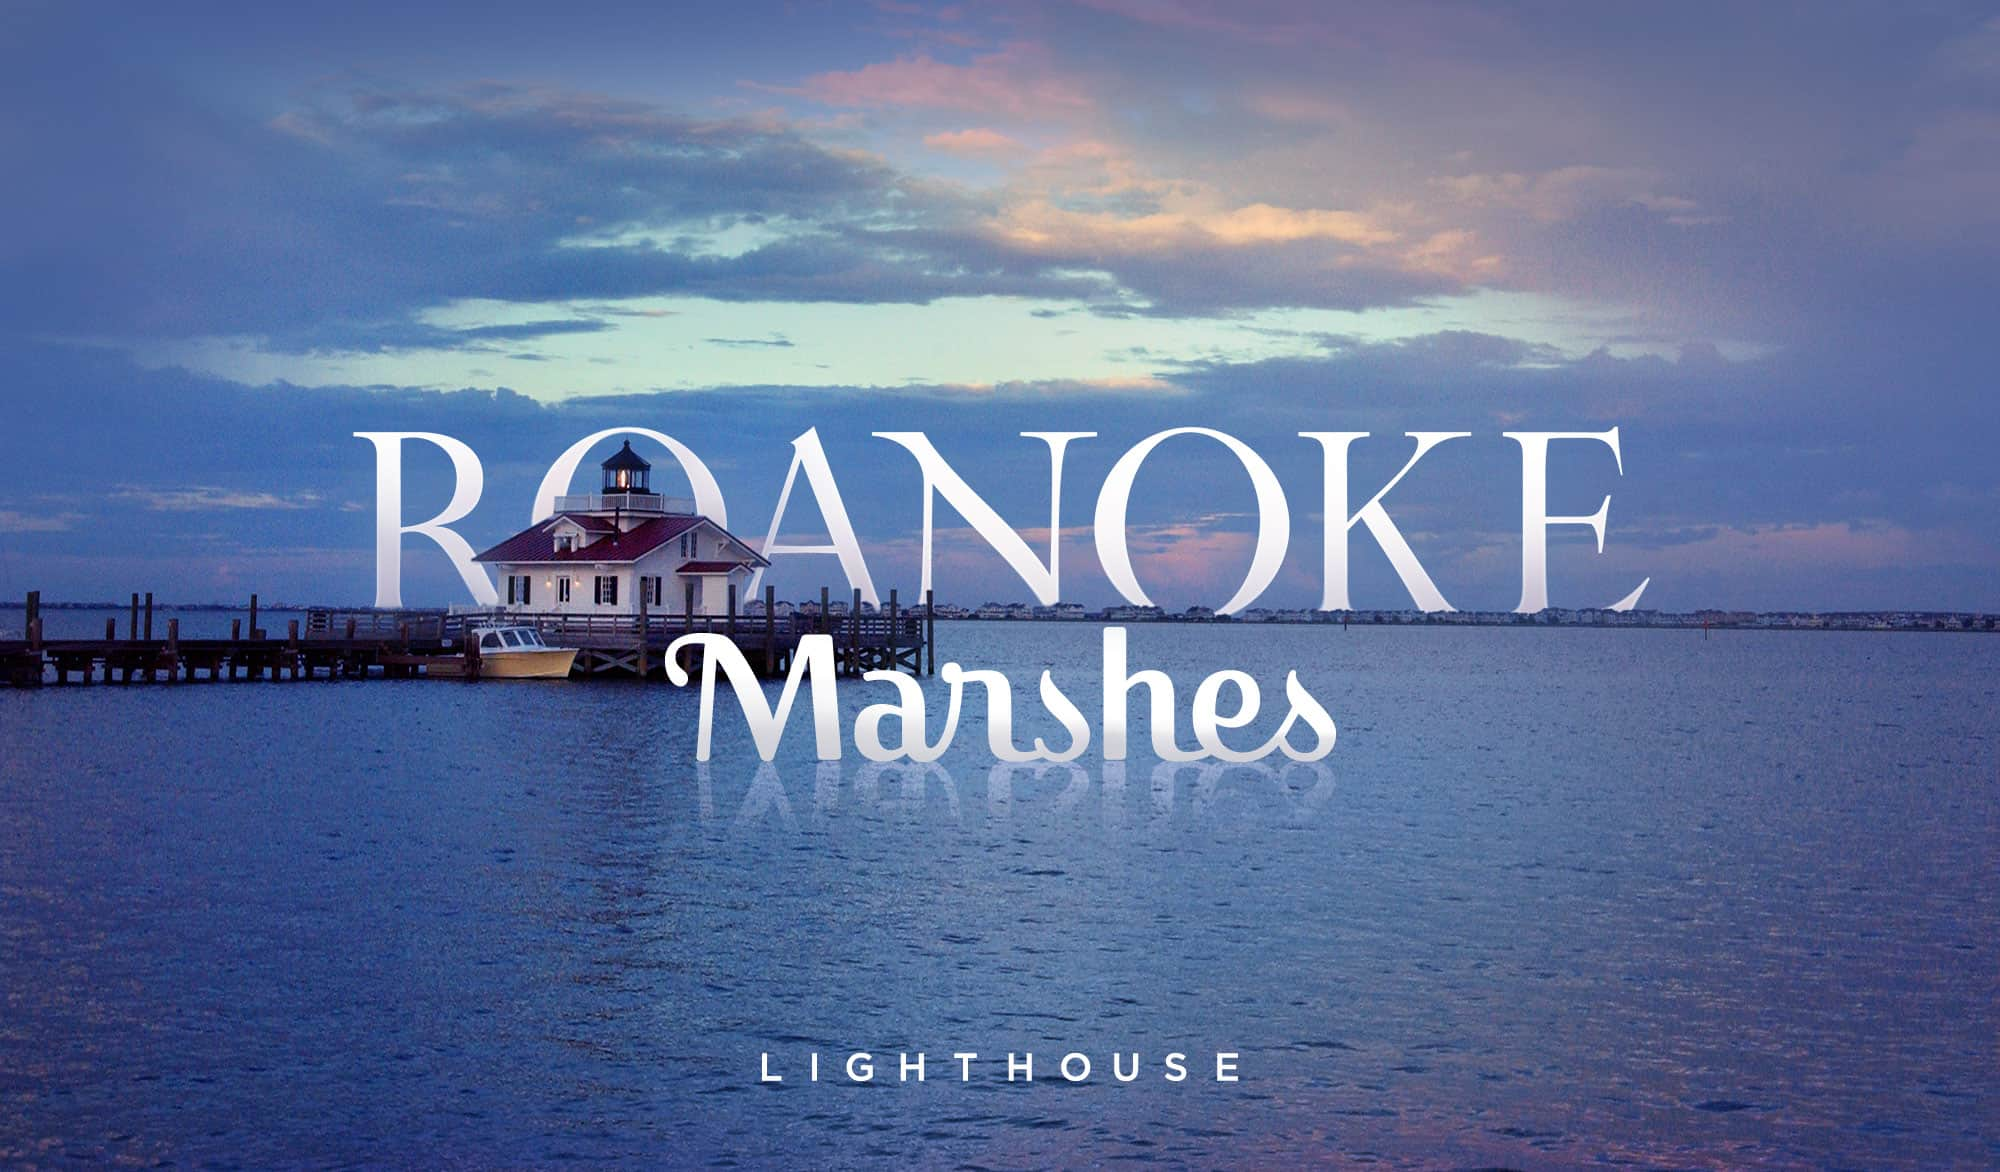 Roanoke Marshes